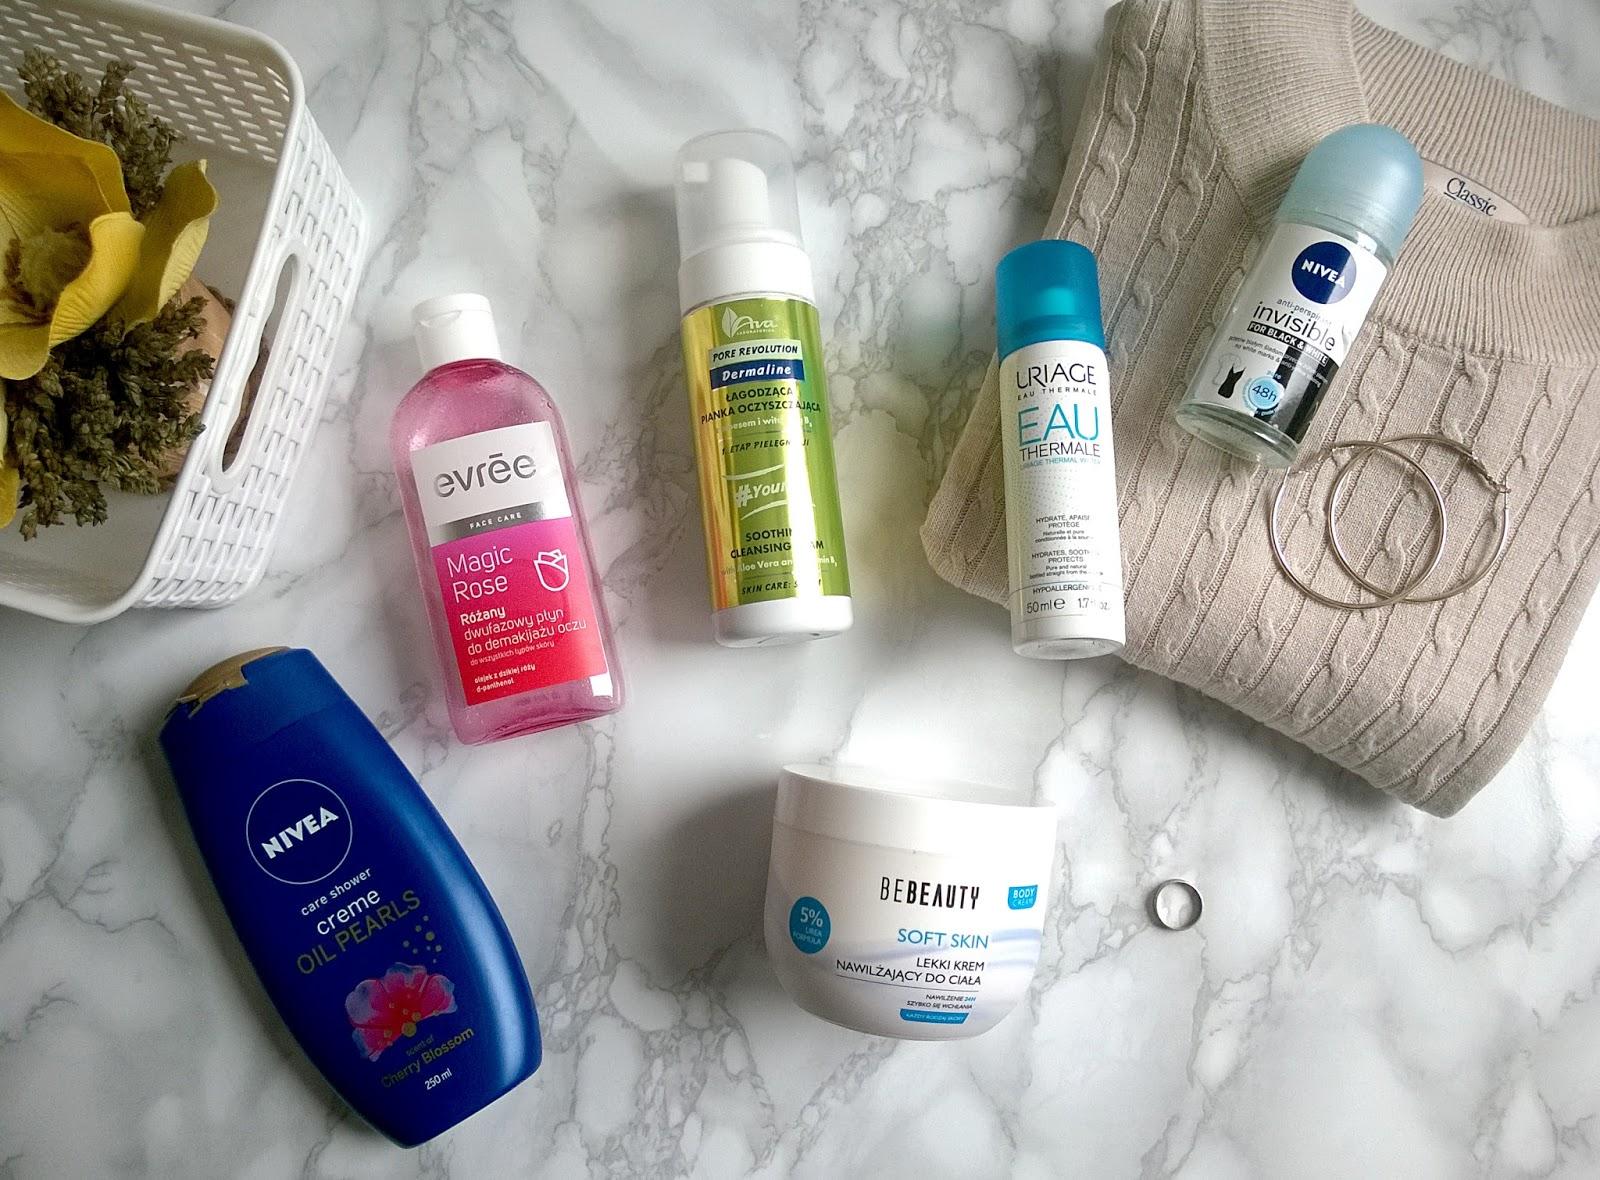 Denko kosmetyczne, czyli jak sprawdziły się produkty do pielęgnacji po zużyciu.